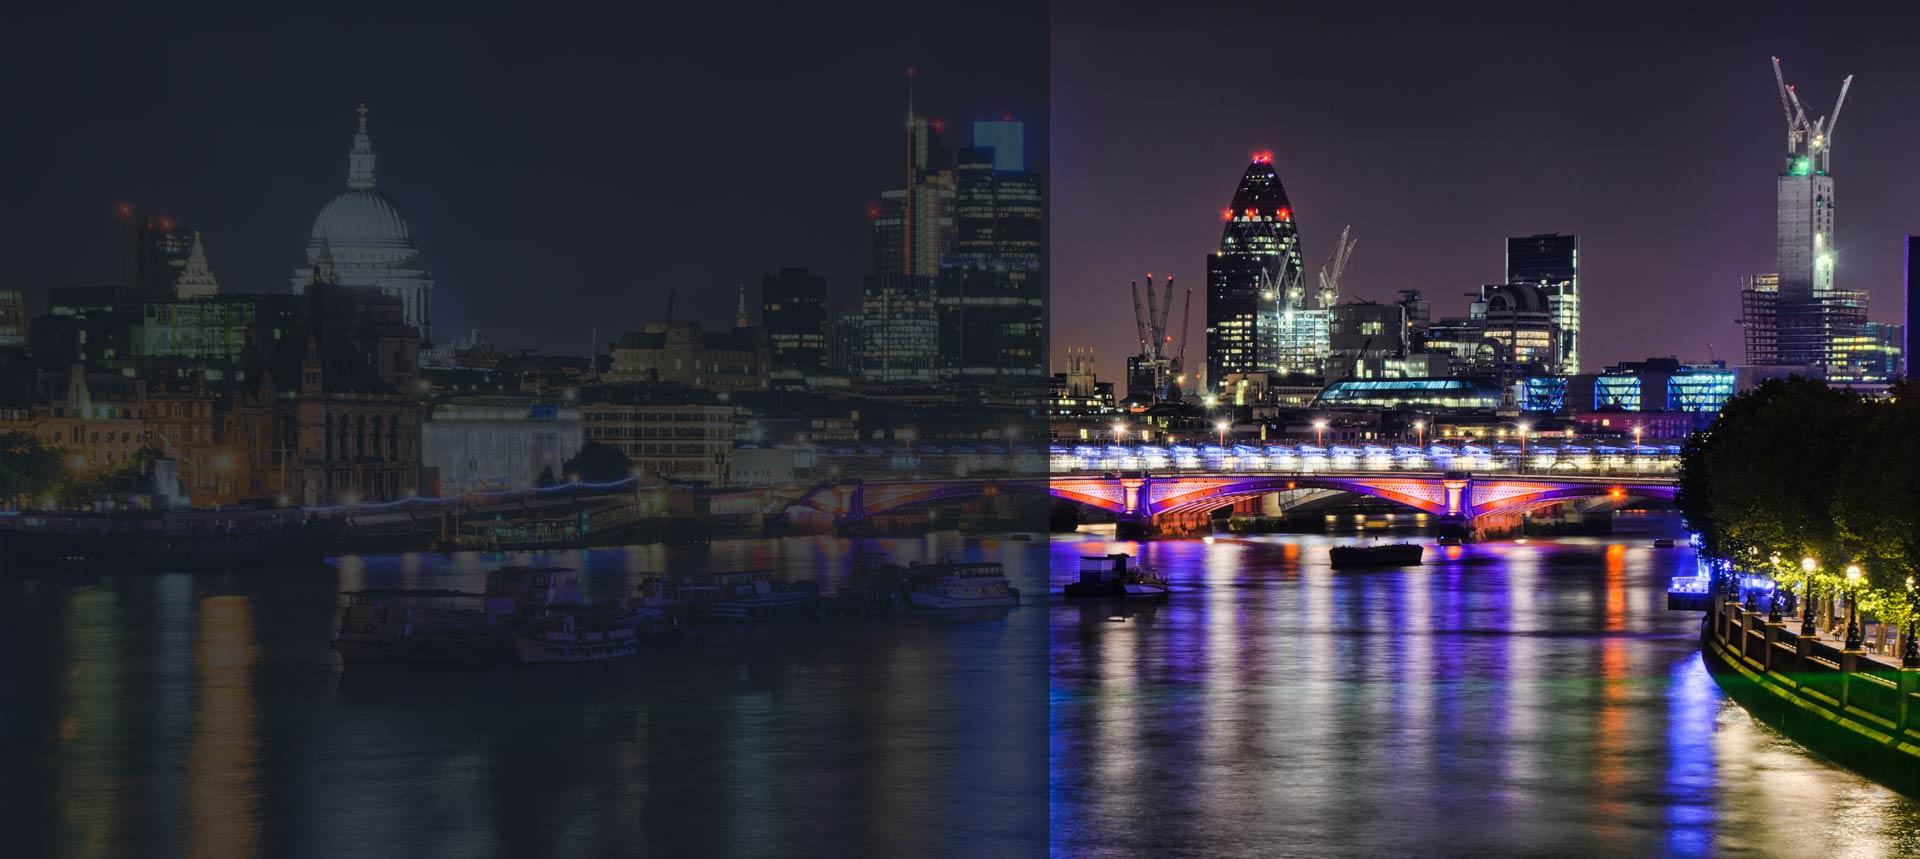 City of London Landscape